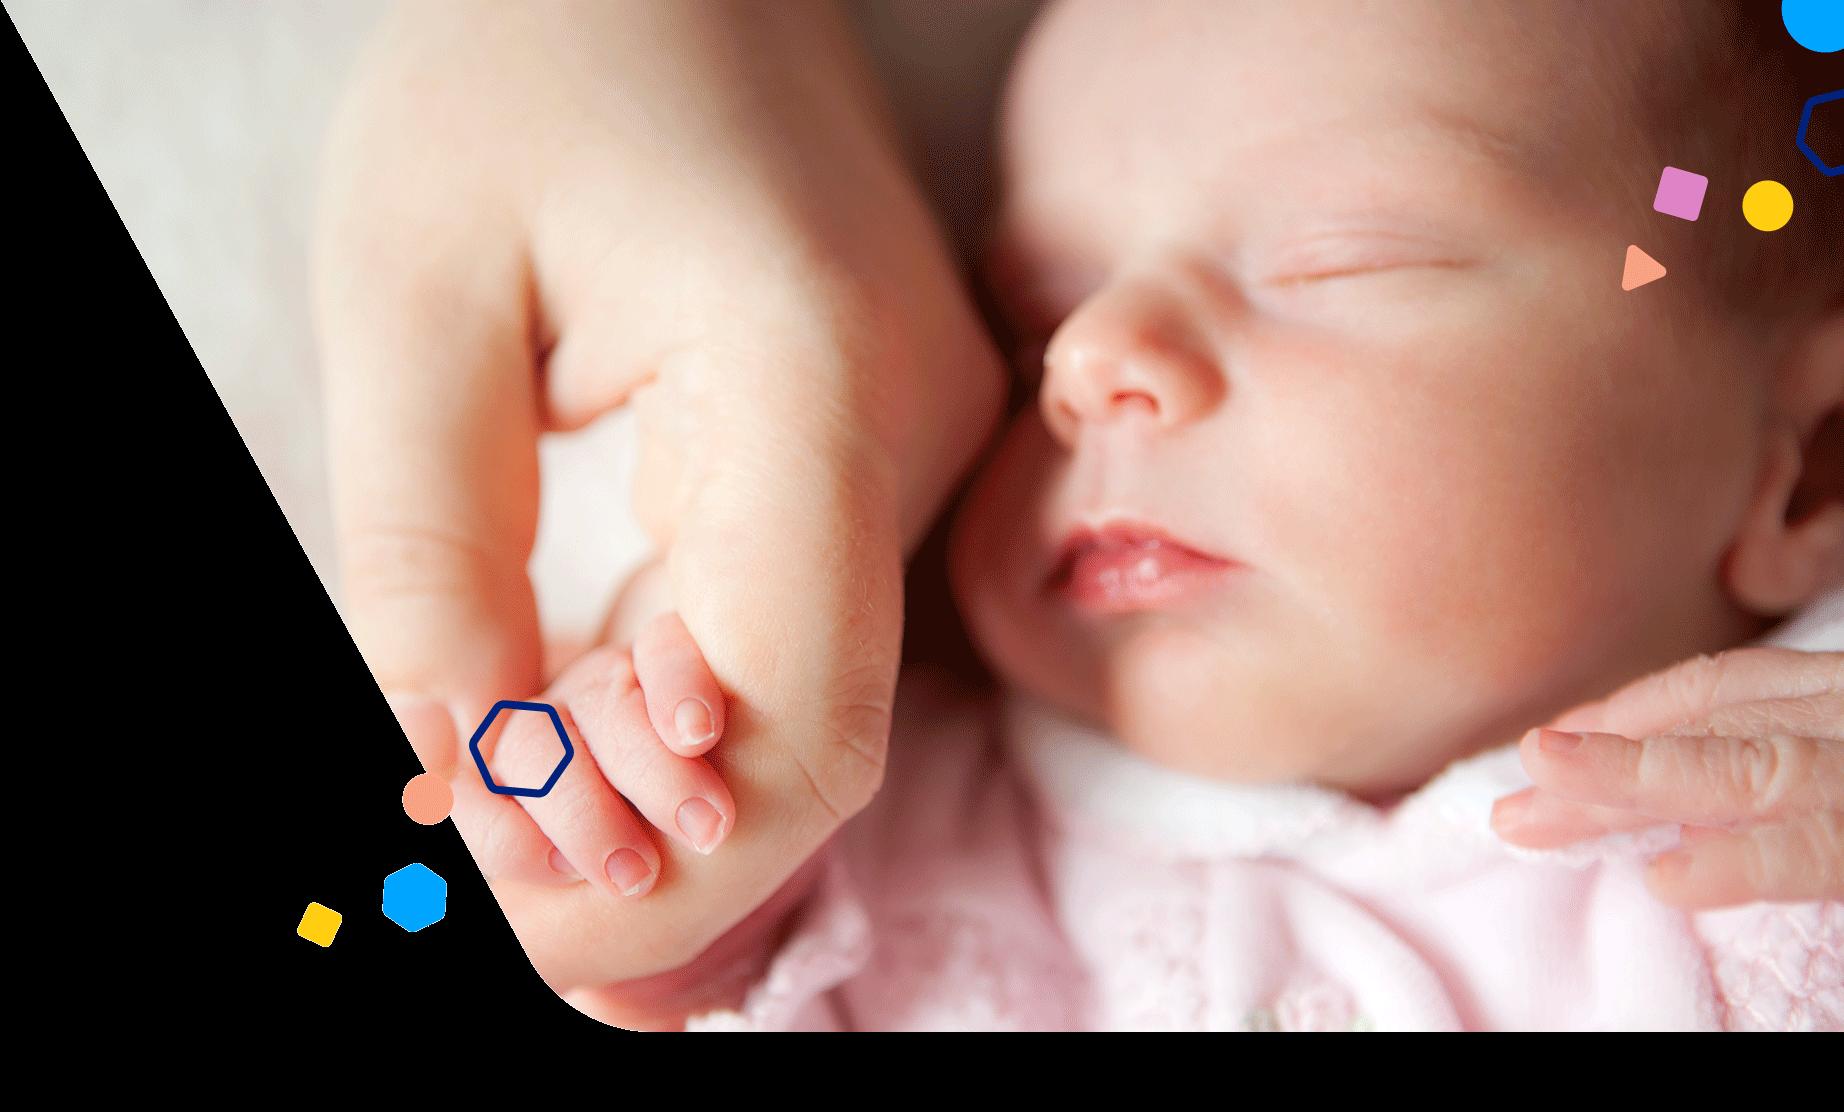 Reaching Milestones Weeks After Birth